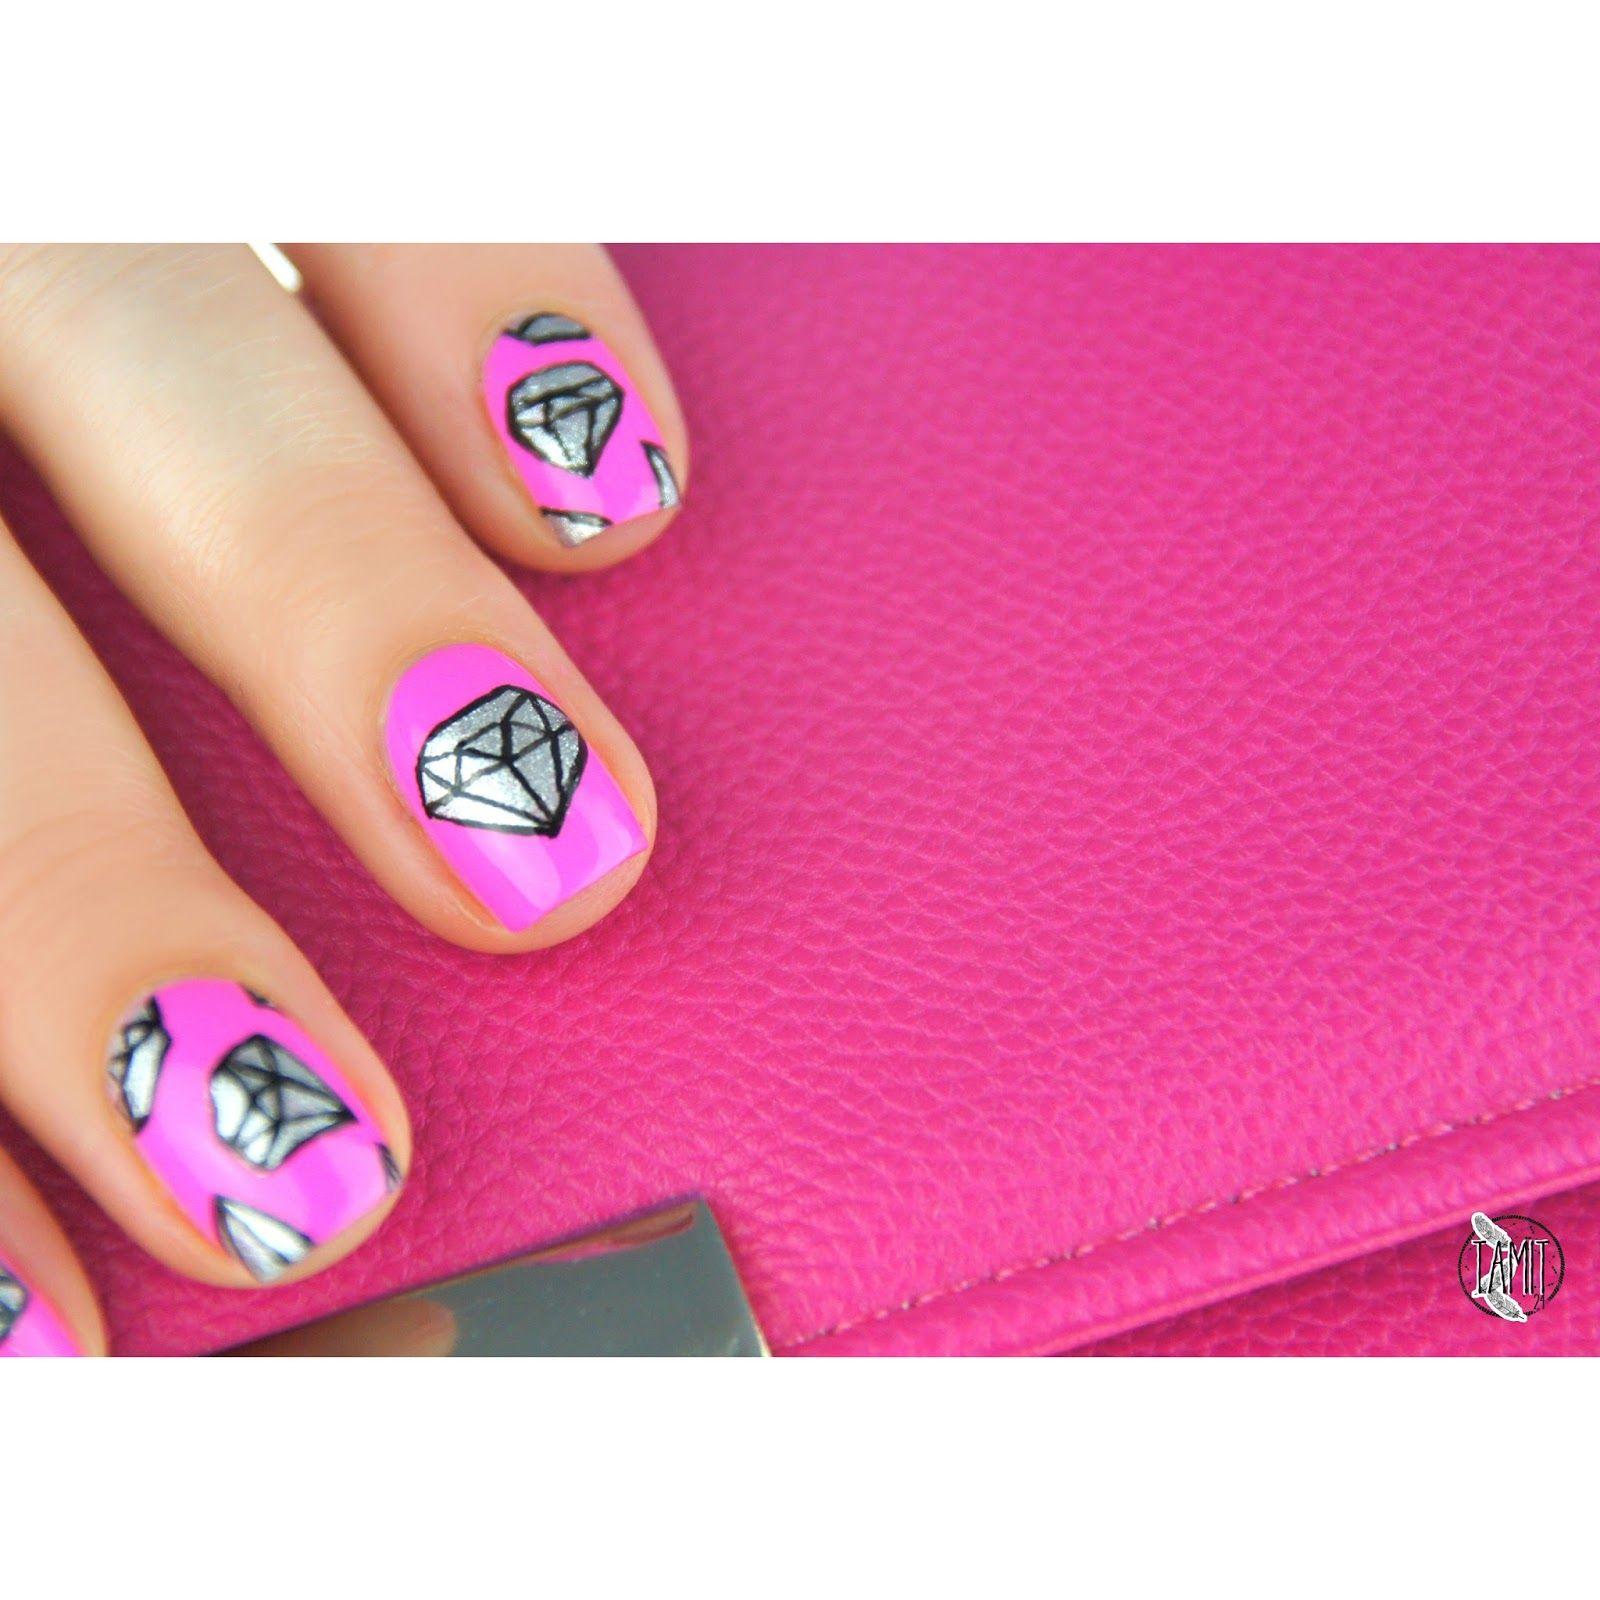 fall in ...naiLove!: Diamond nails: tutorial.   Orly Fancy Fuchsia ...